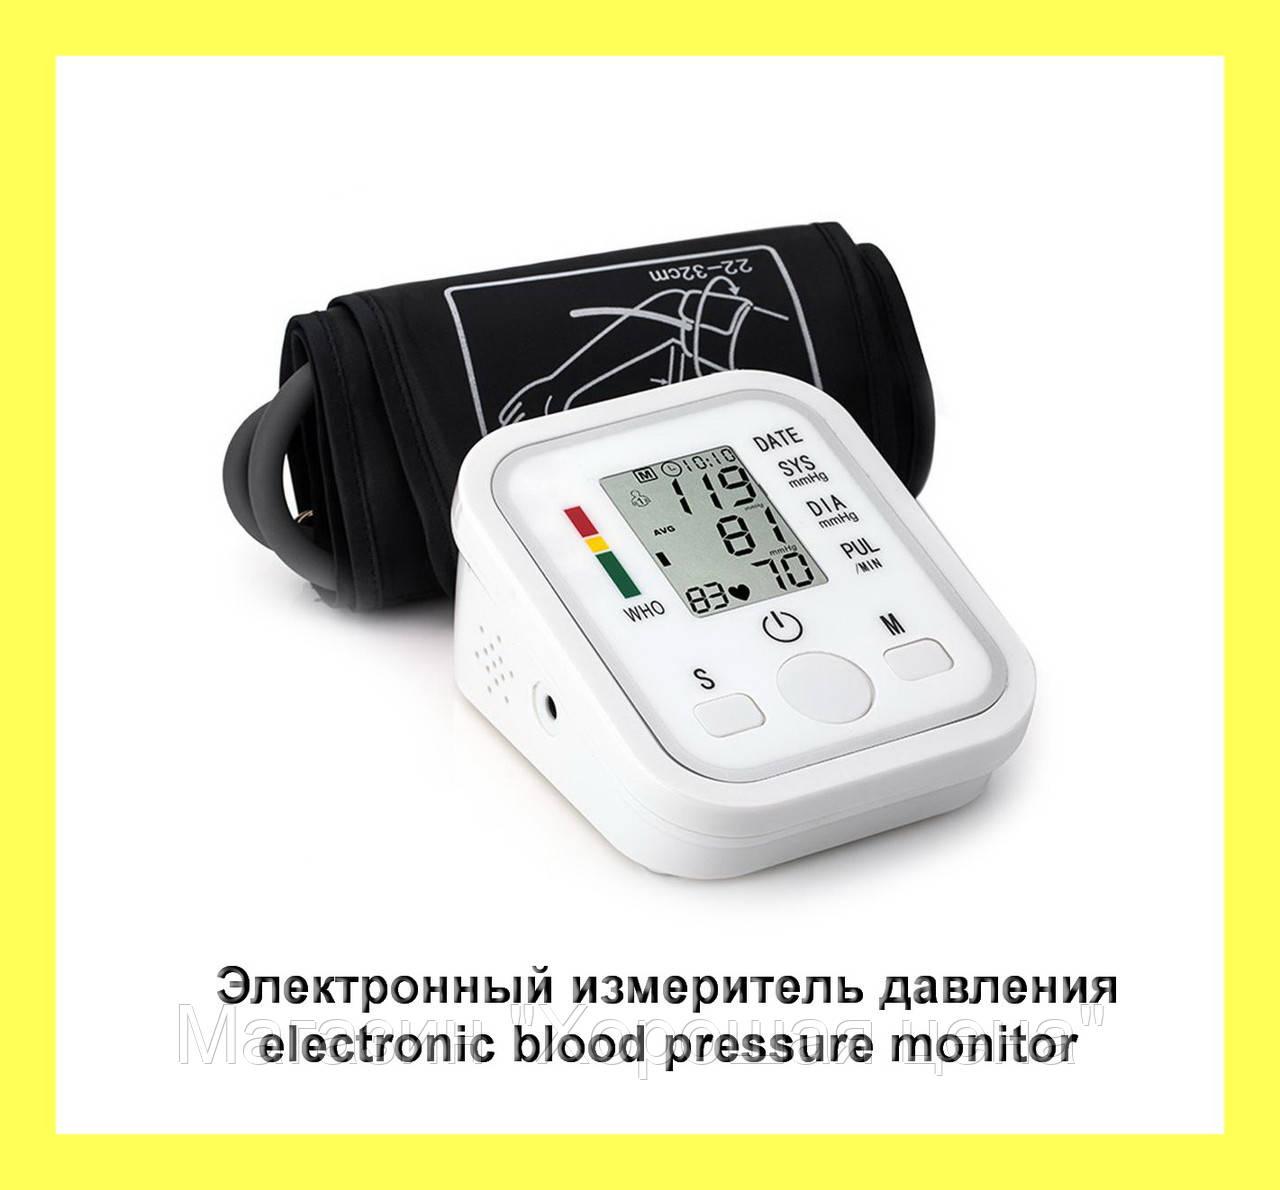 """Электронный измеритель давления electronic blood pressure monitor Arm style!Акция - Магазин """"Хорошая цена"""" в Бердянске"""